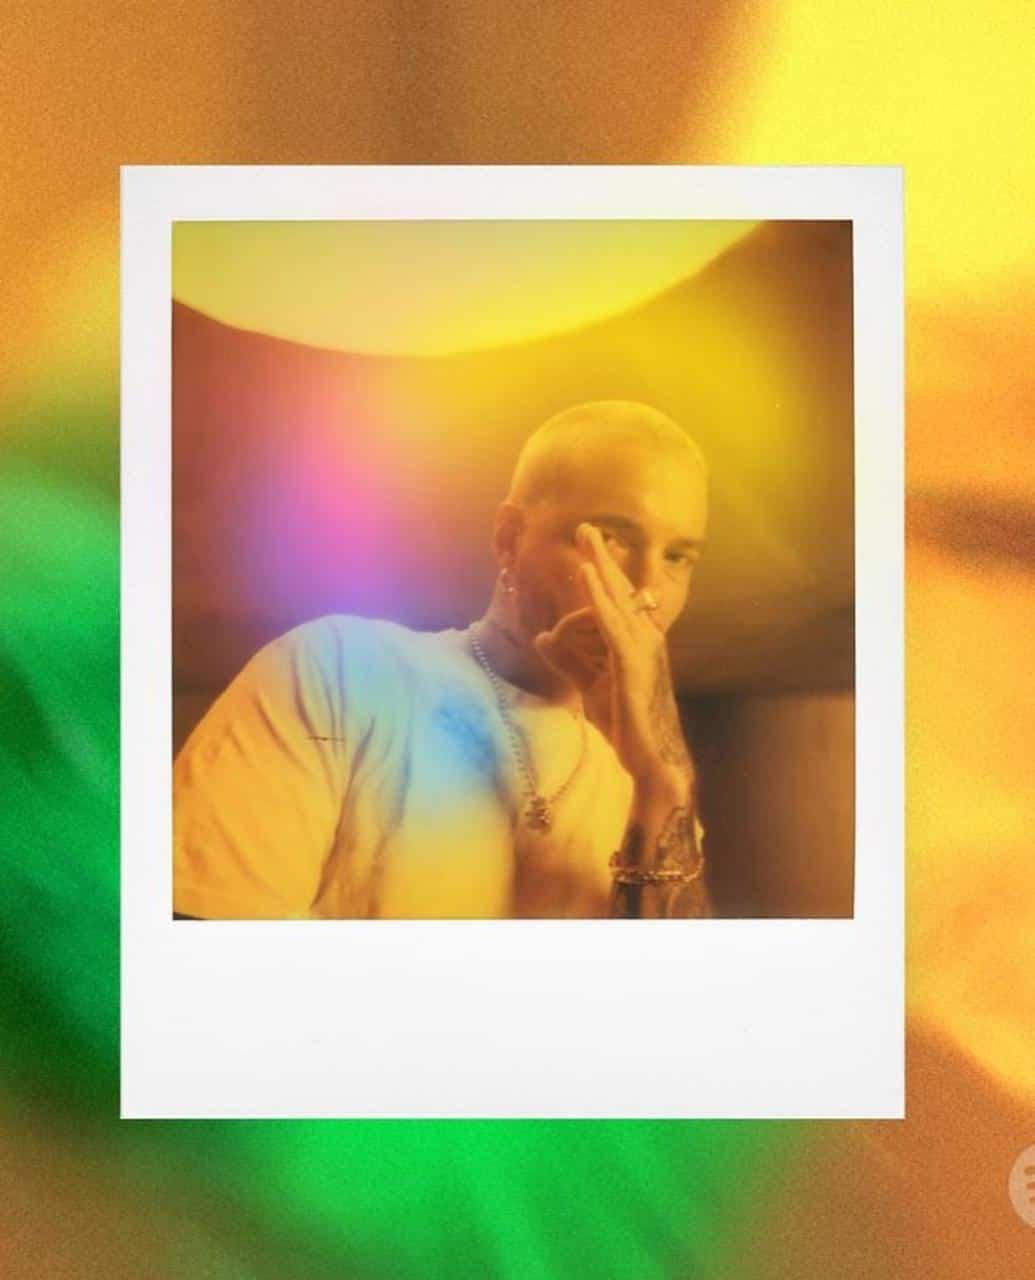 J Balvin lanza nuevo álbum titulado Colores.